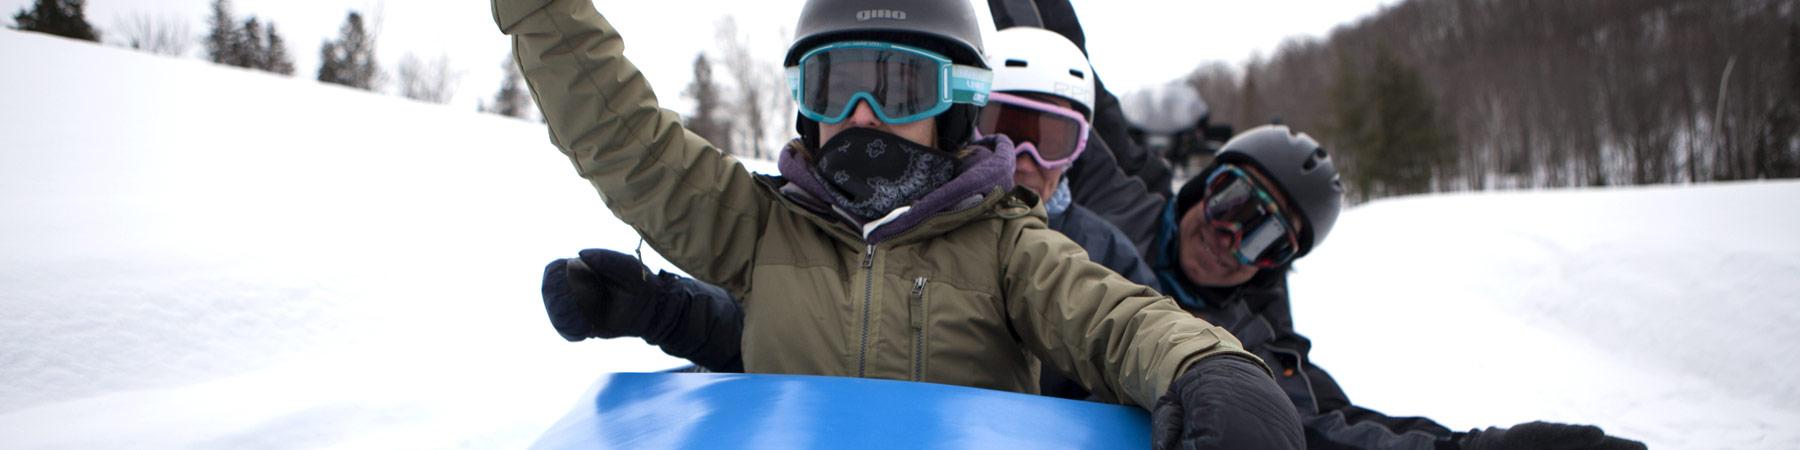 bobsleigh-header